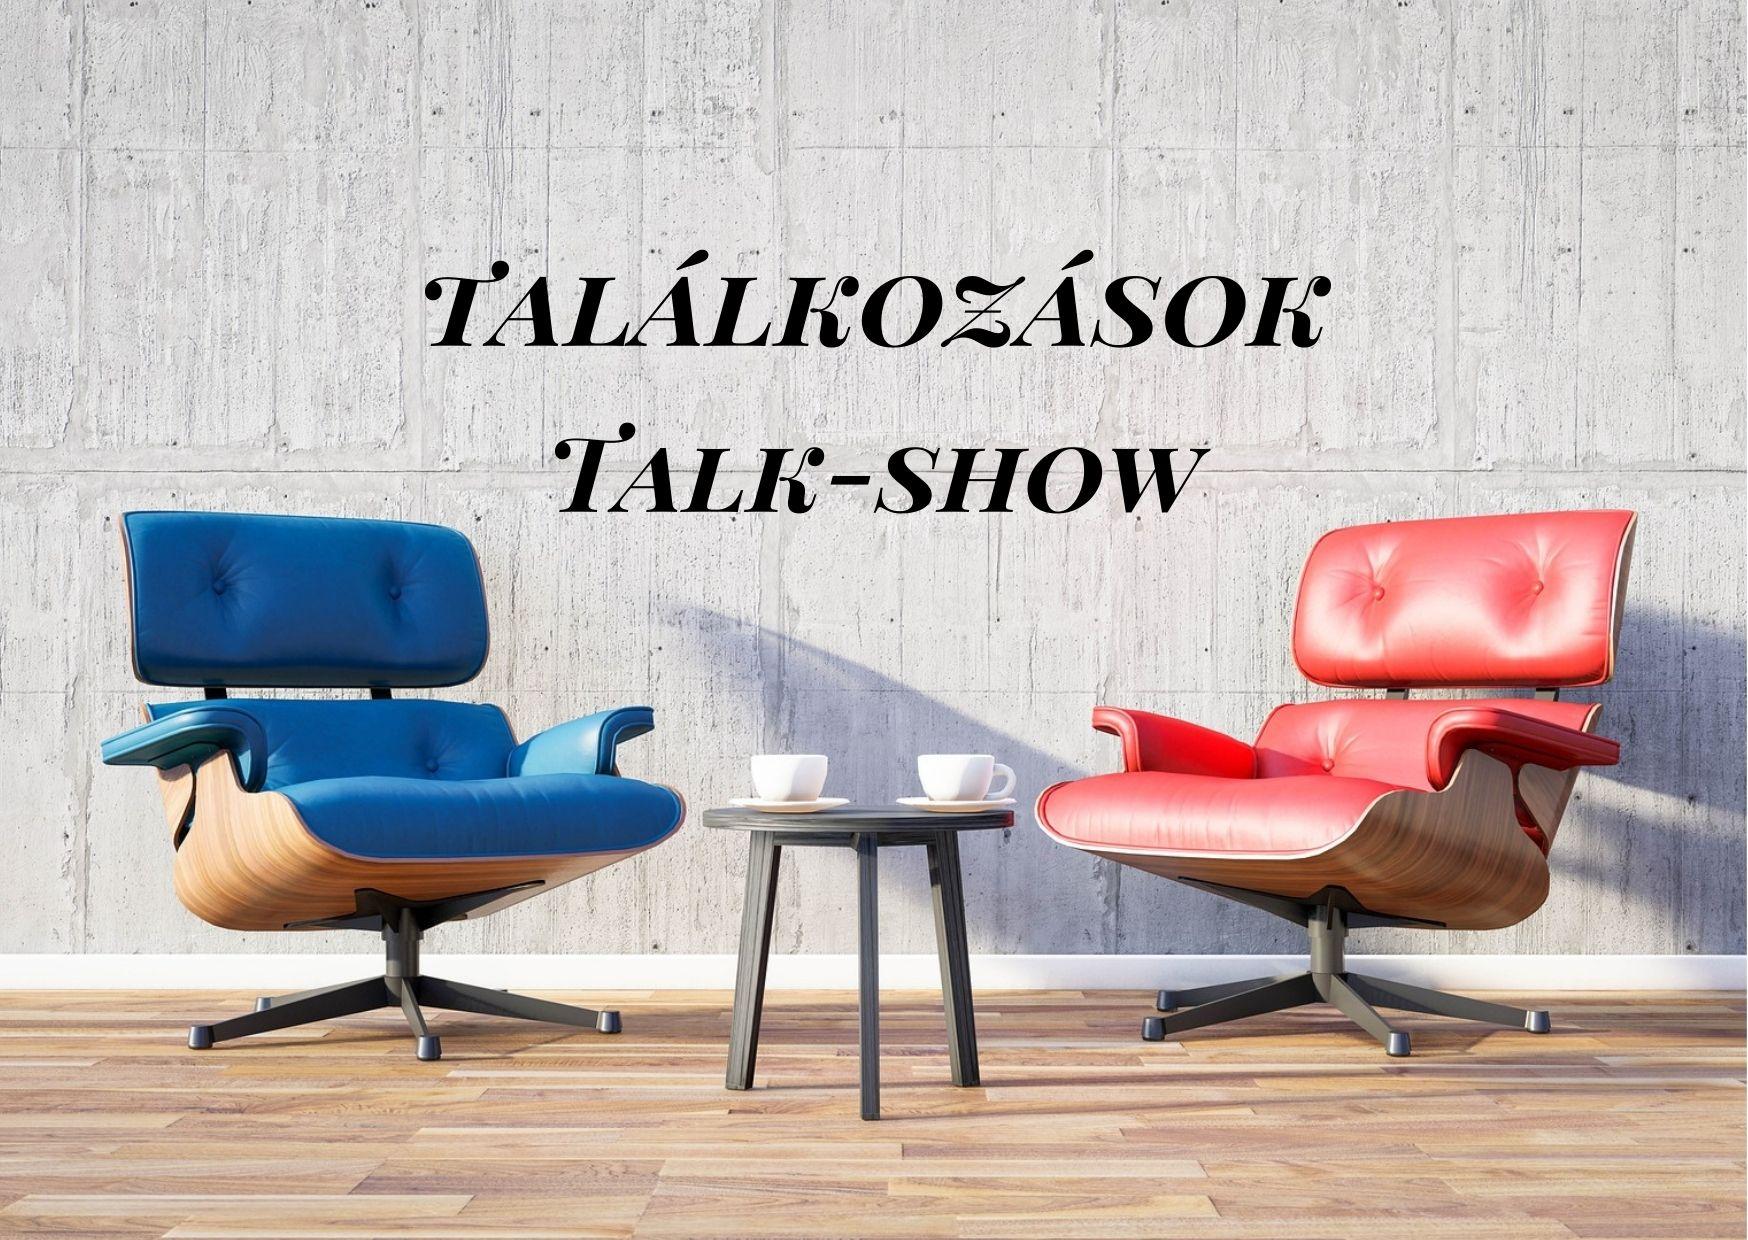 TALÁLKOZÁSOK Talk-show